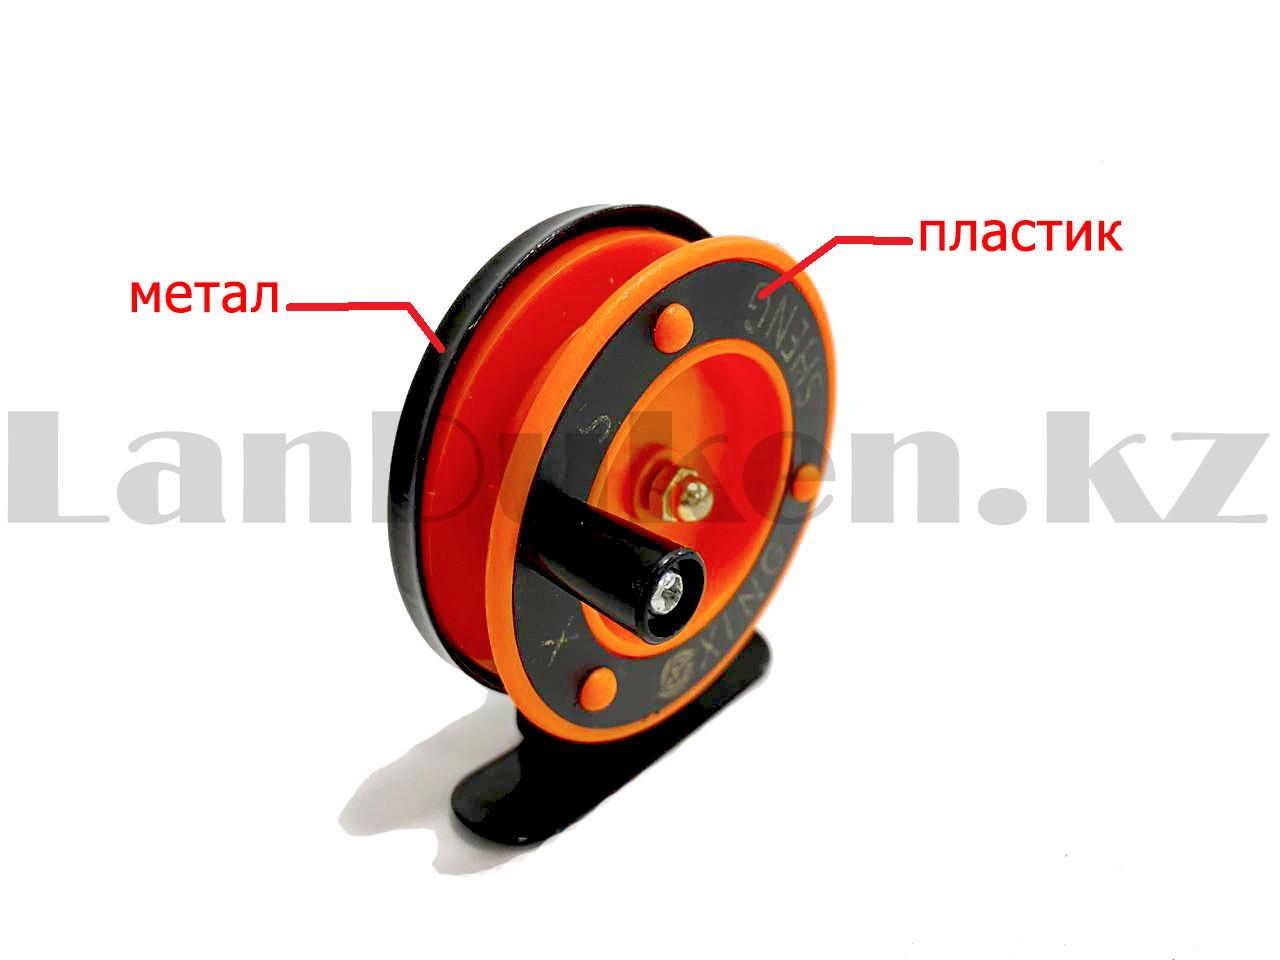 Инерционная катушка для удочки металлическая оранжевая - фото 2